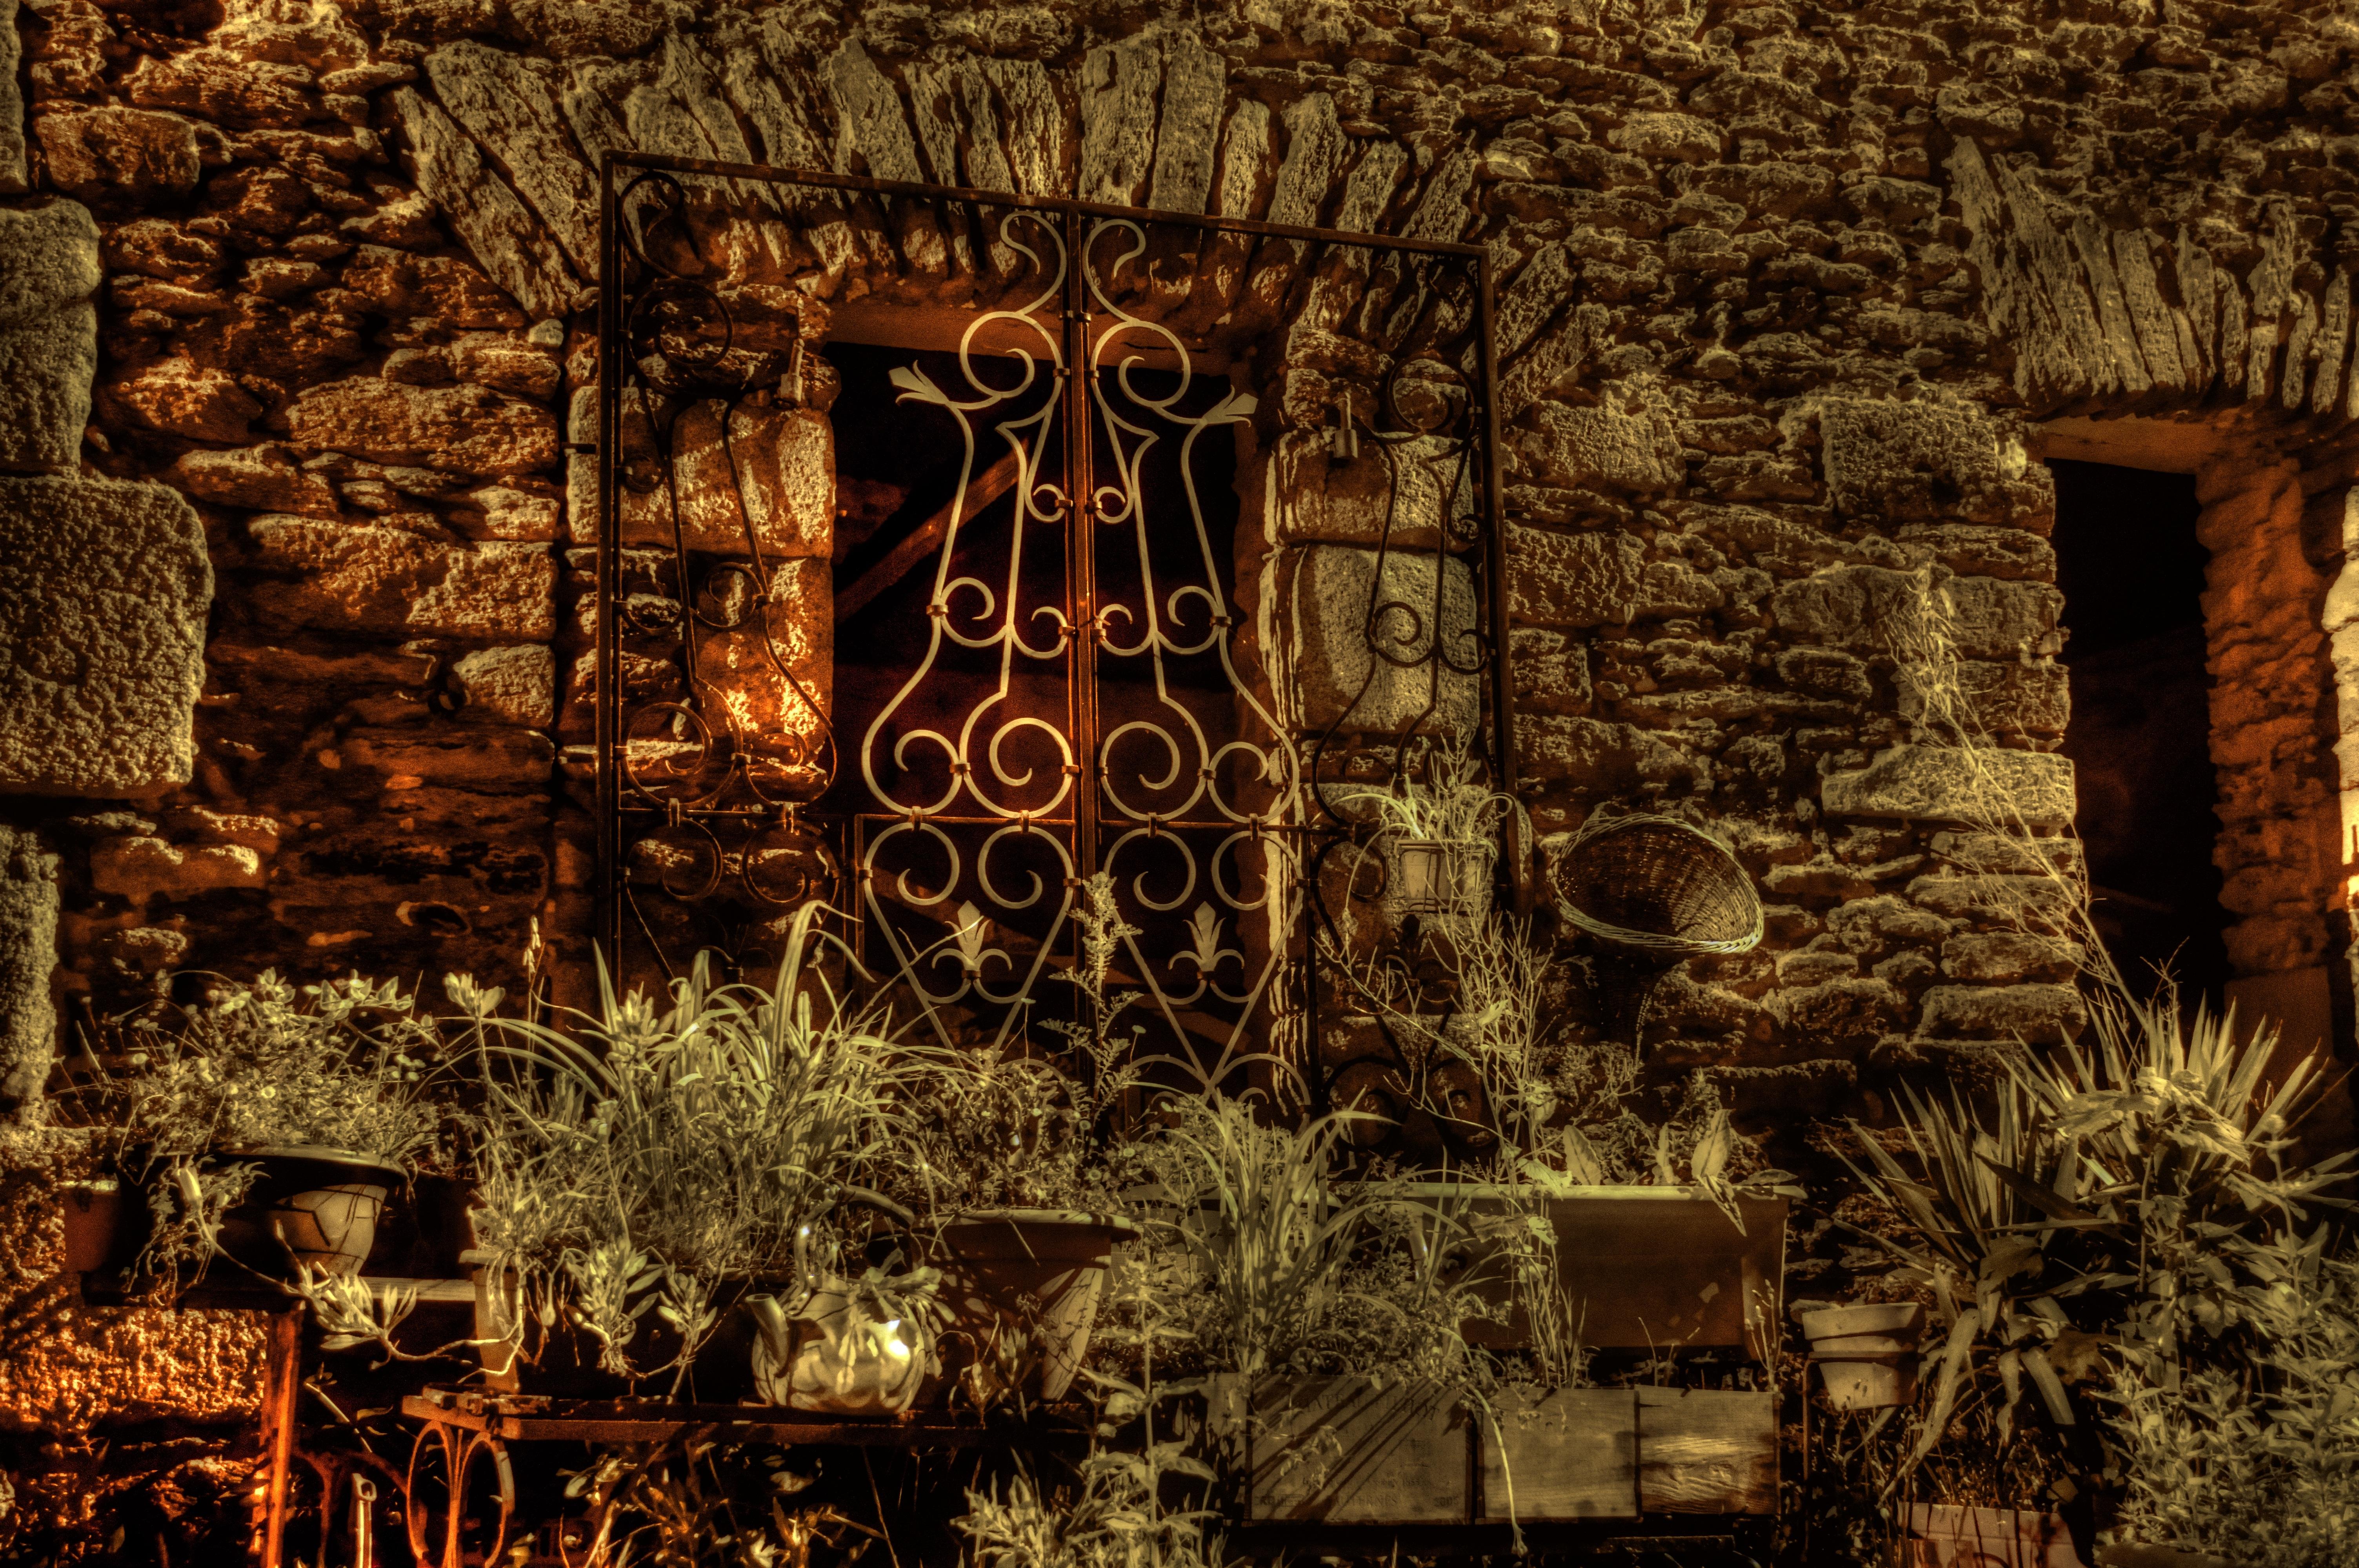 Images gratuites lumi re plante nuit fen tre vieux for Eclairage facade noel